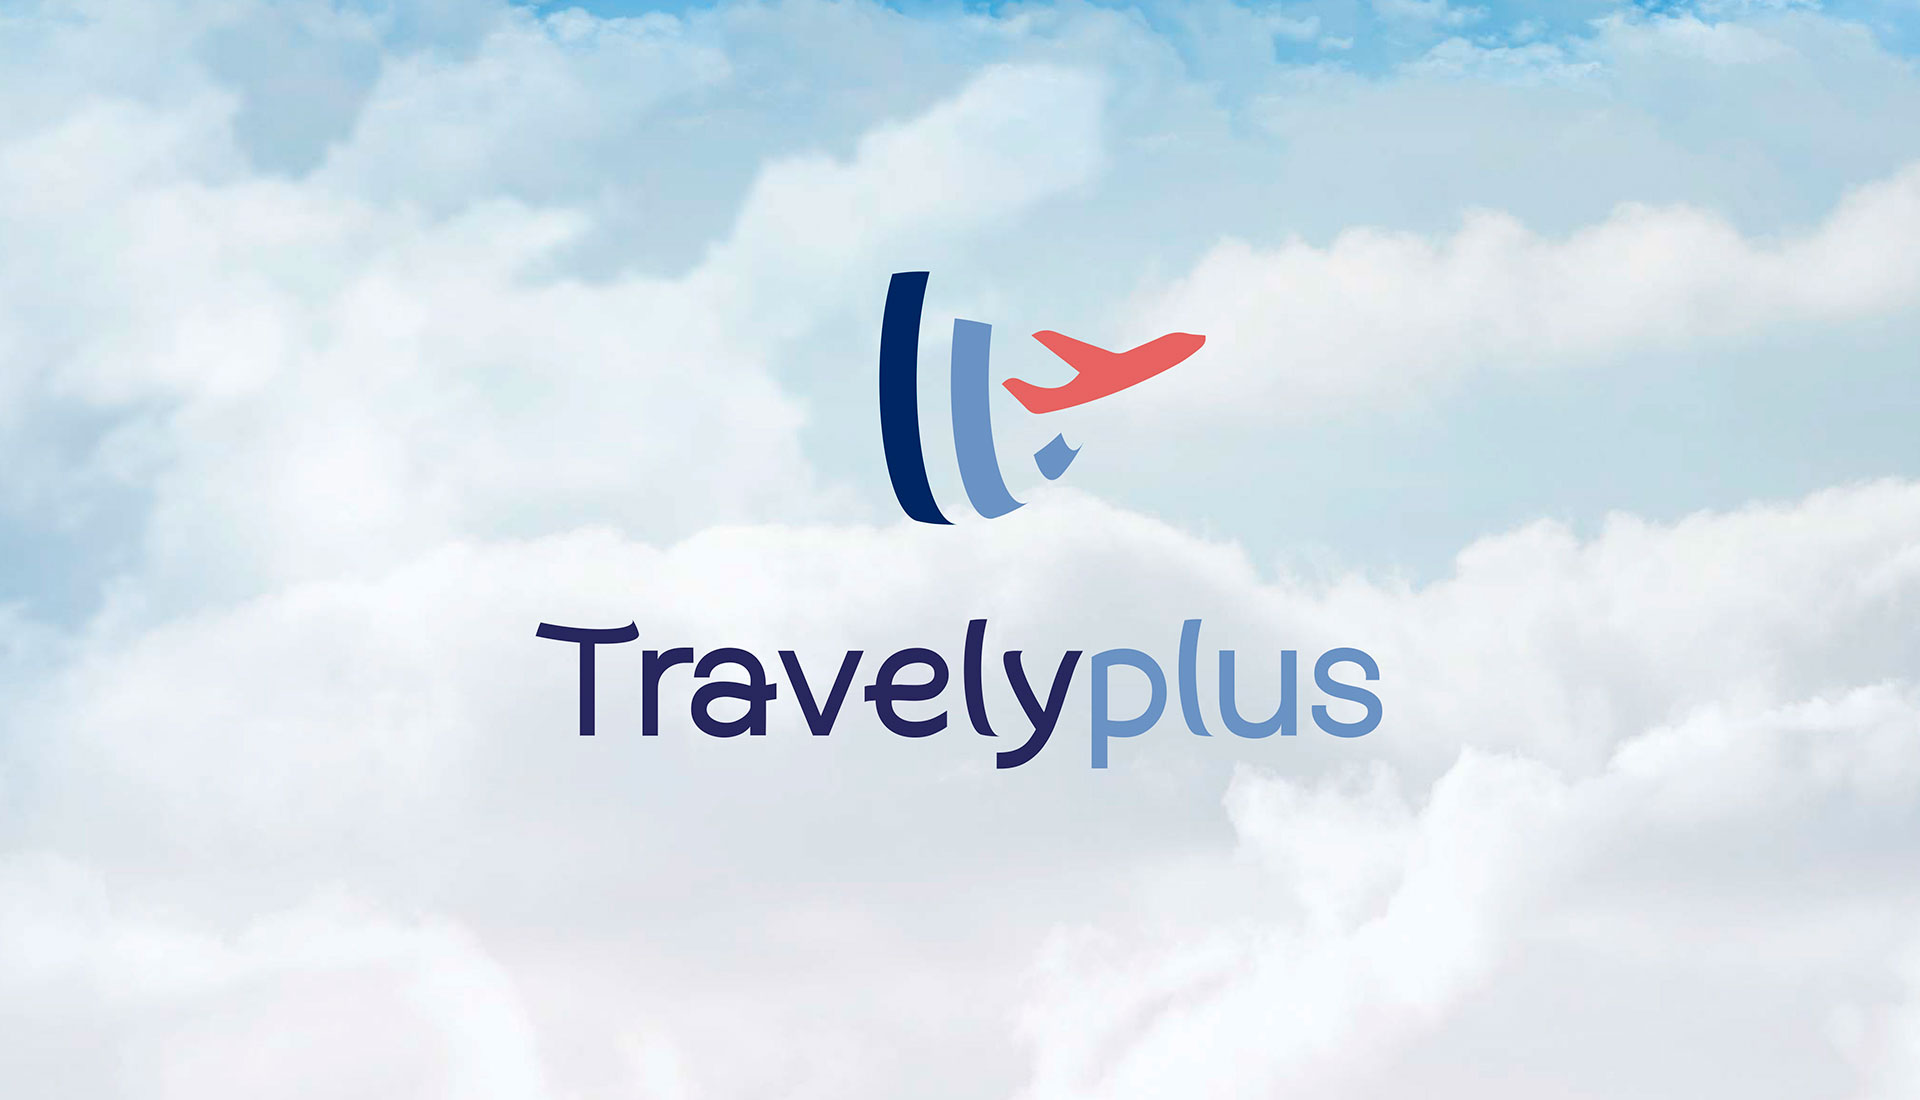 agencia-publicidad-identidad-corporativa-branding-marketing-agencia-viajes-valencia-12